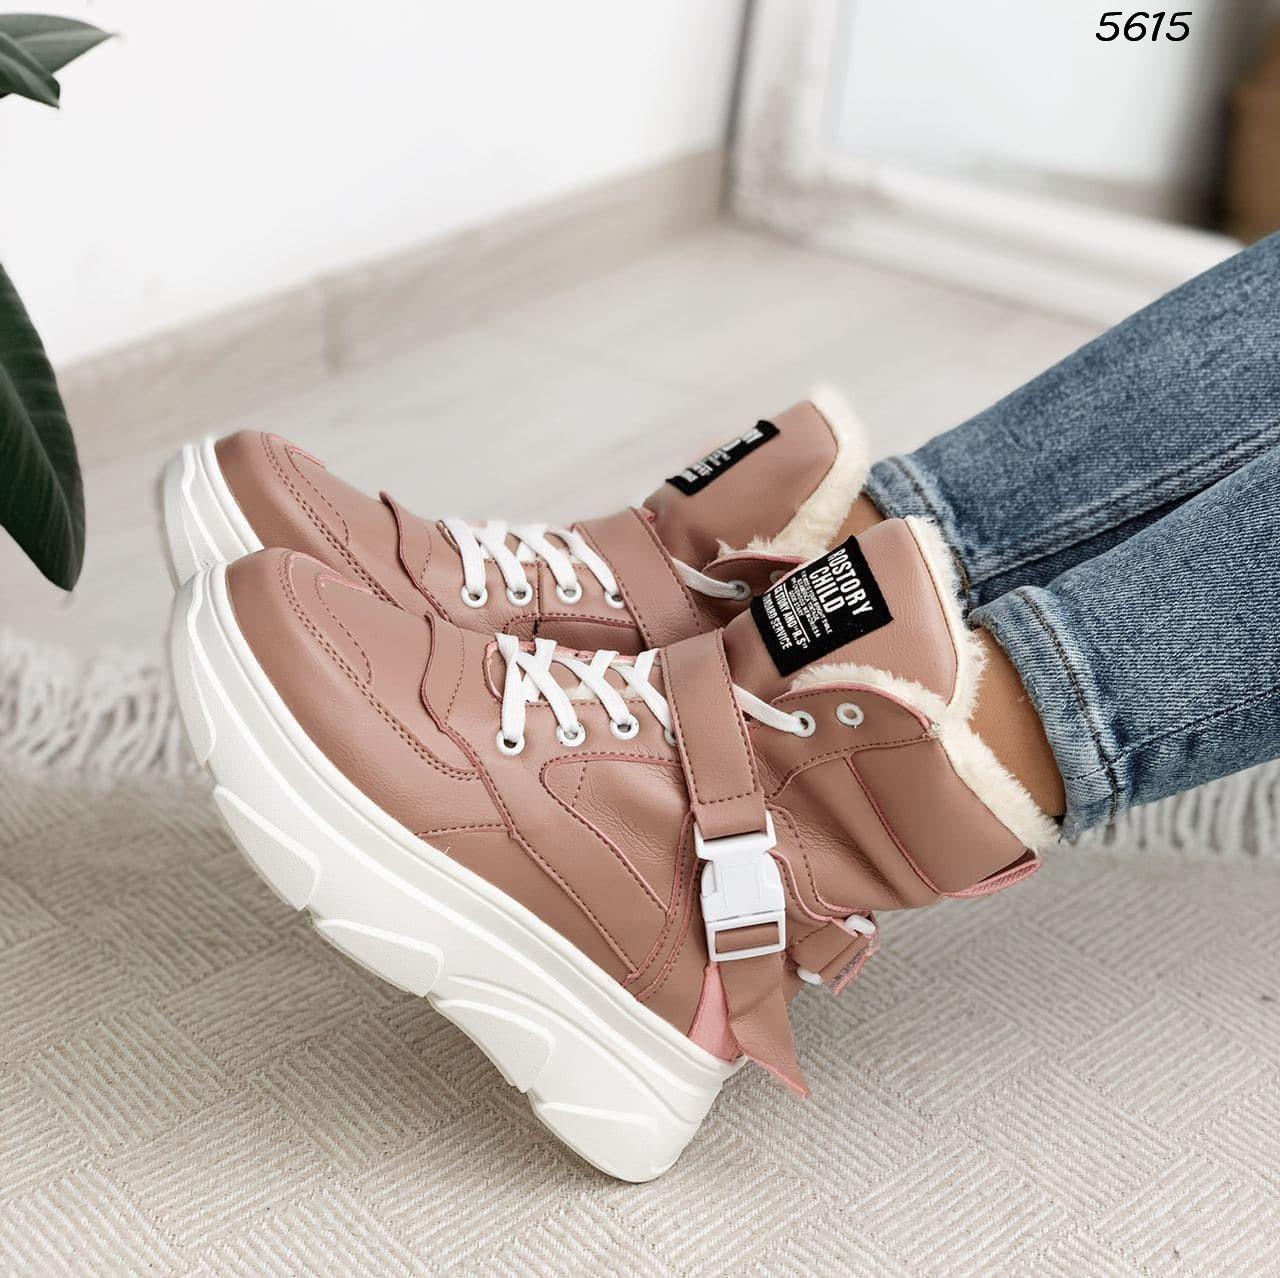 Ботинки женские зимние розовые 5615